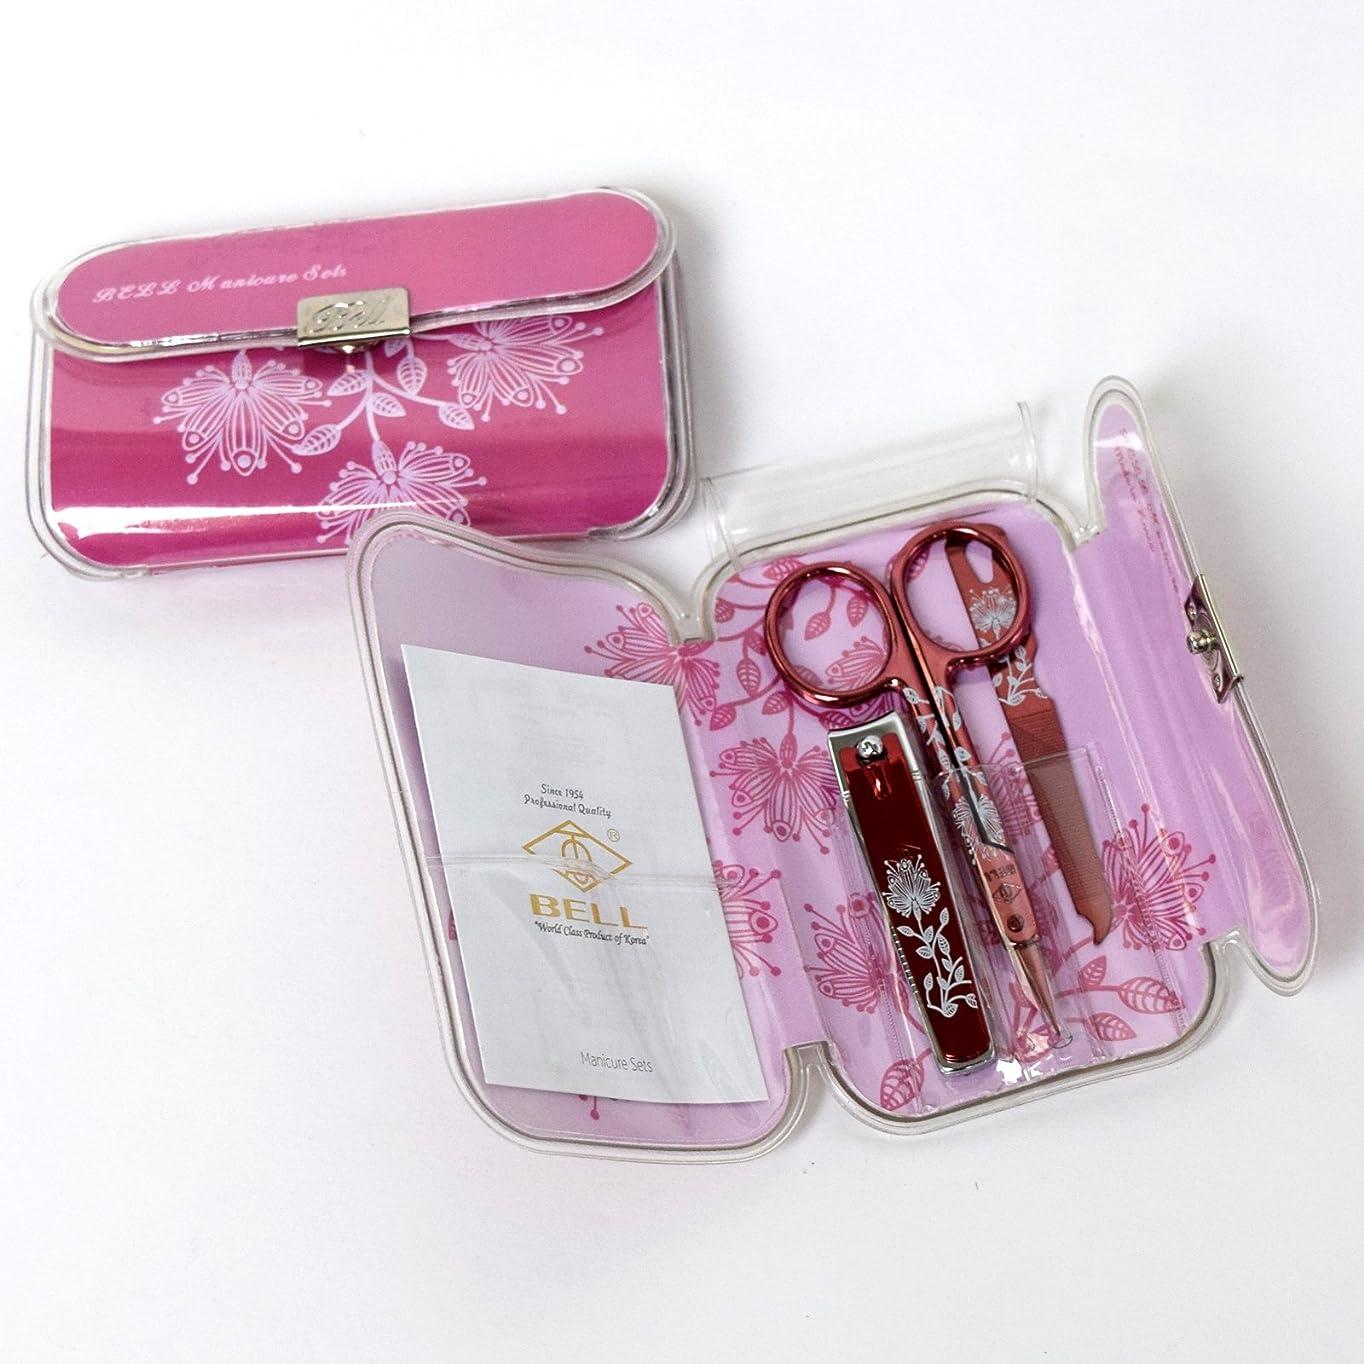 ラメトラブル騒BELL Manicure Sets BM-330D ポータブル爪の管理セット 爪切りセット 高品質のネイルケアセット高級感のある東洋画のデザイン Portable Nail Clippers Nail Care Set